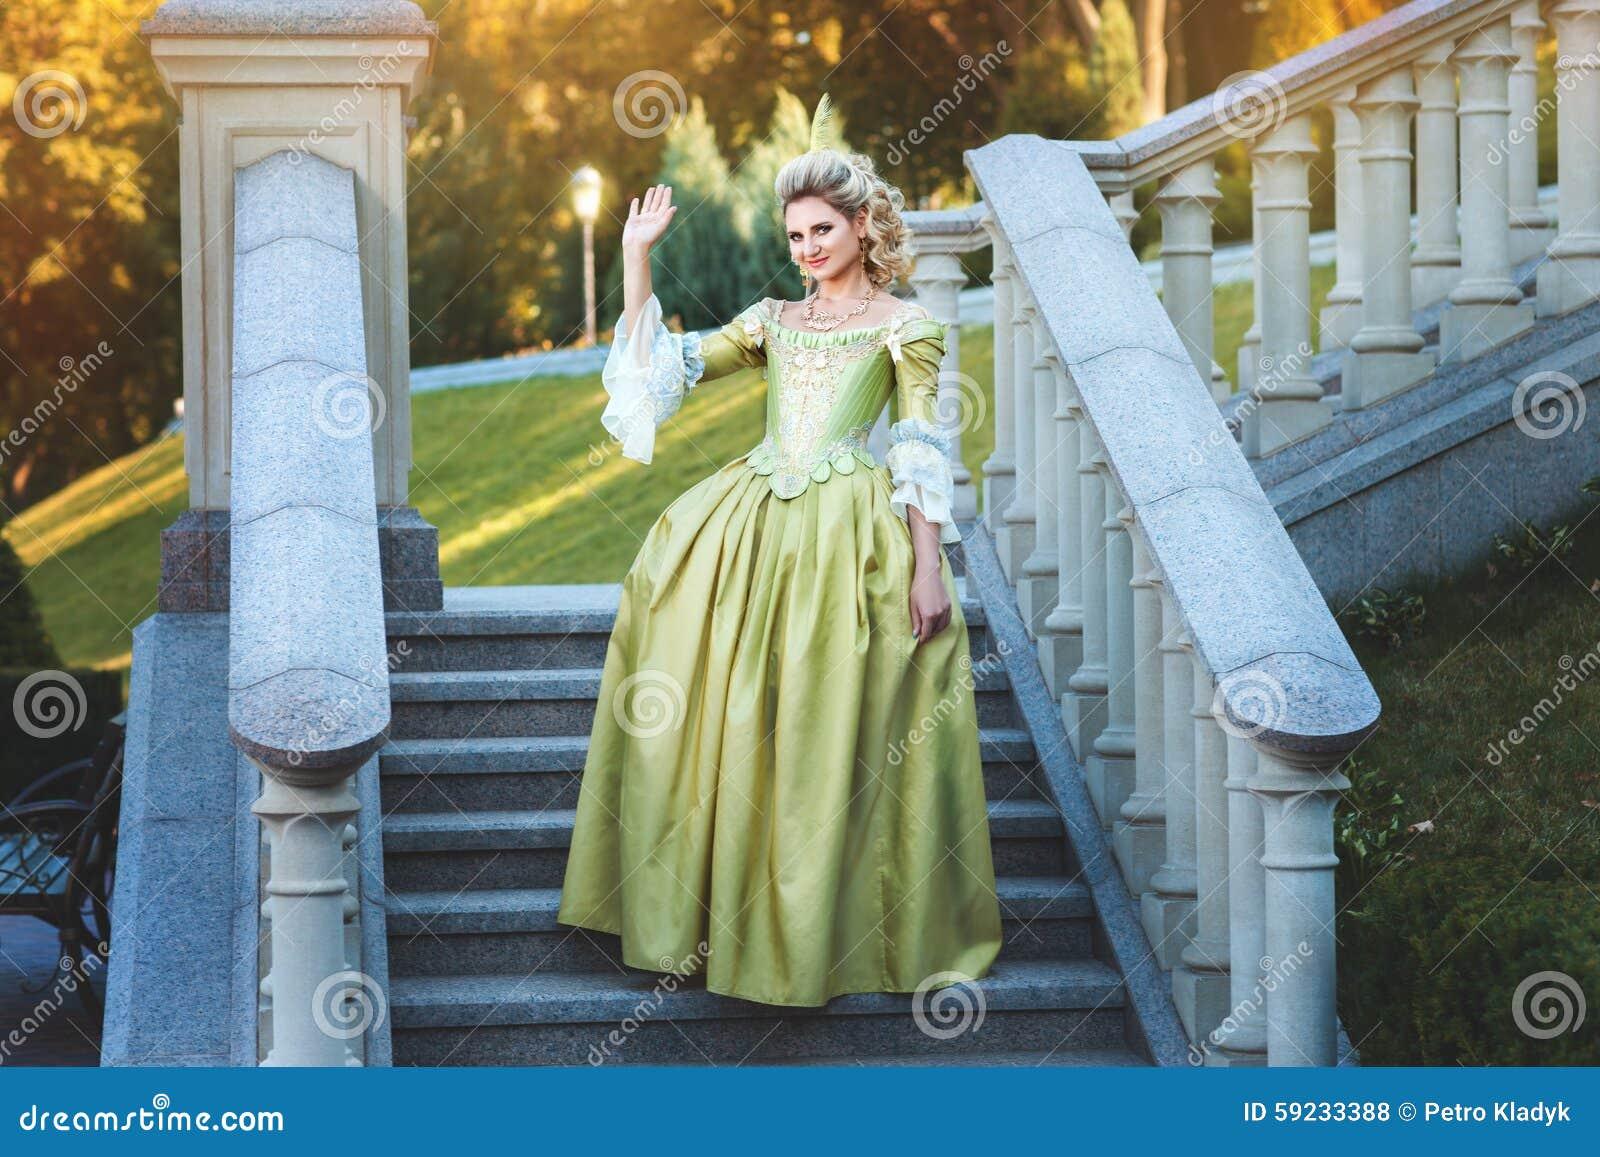 Download Pasos Derechos Del Vestido Real De La Muchacha Del Palacio Foto de archivo - Imagen de clásico, hermoso: 59233388